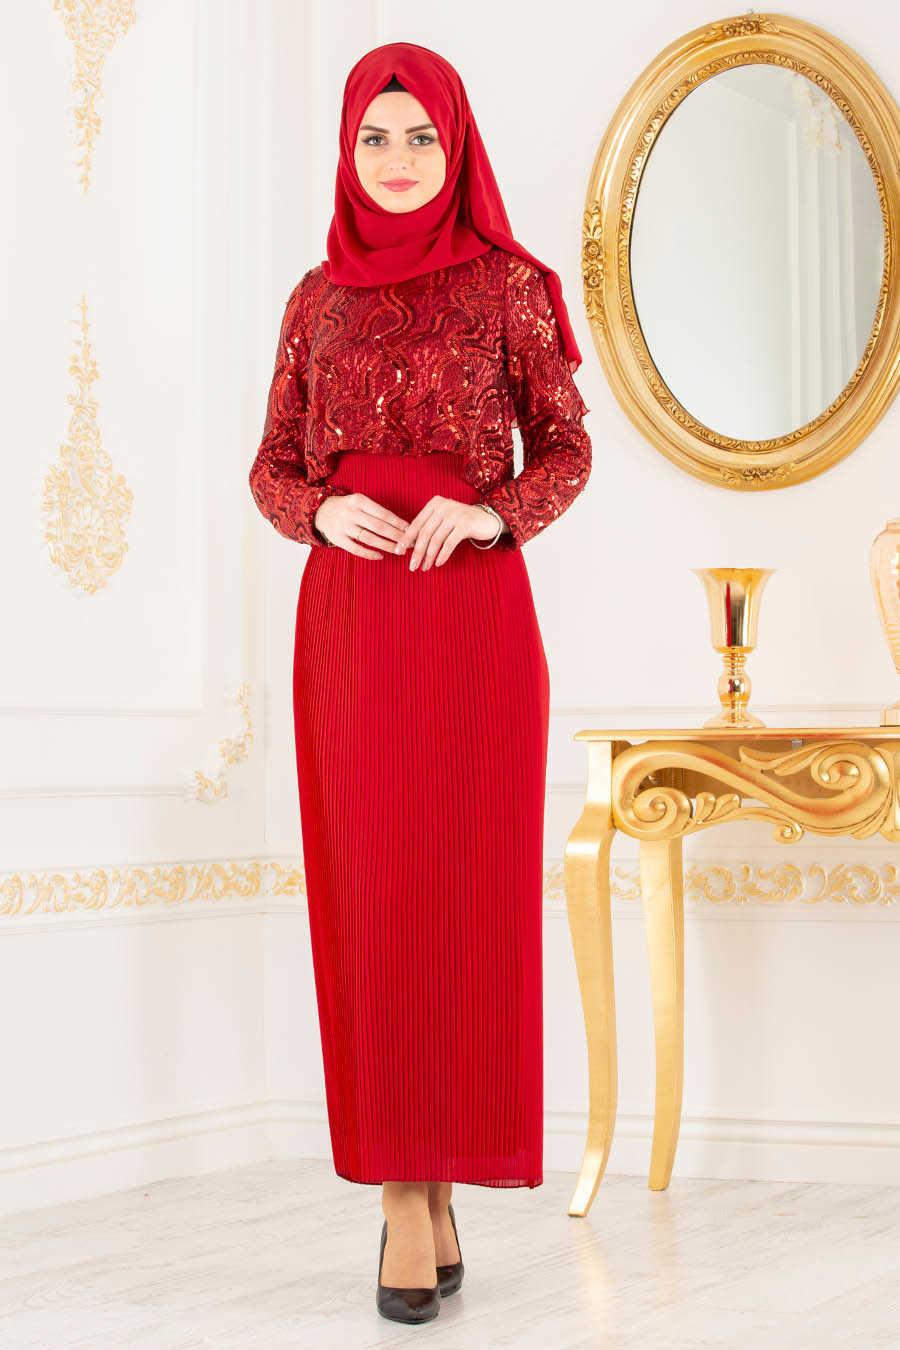 Red Hijab Evening Dress 3743K